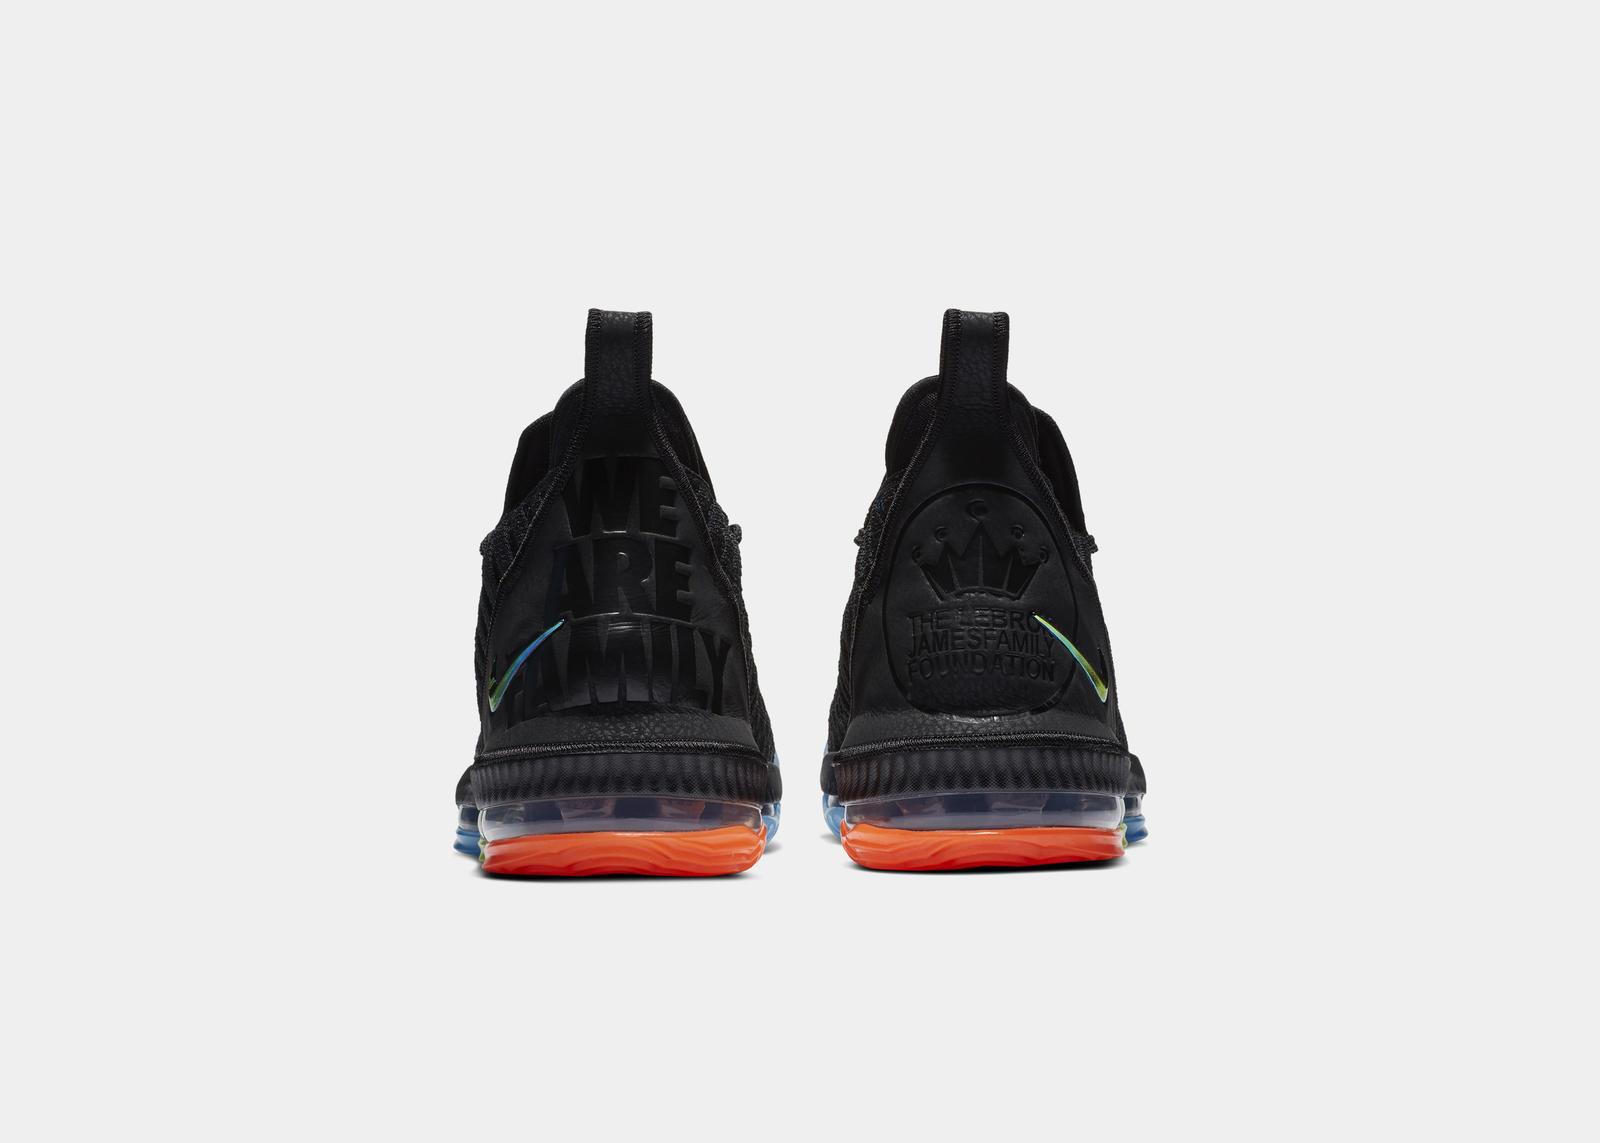 timeless design d43cd ba732 Nike LeBron 16 I Promise 3